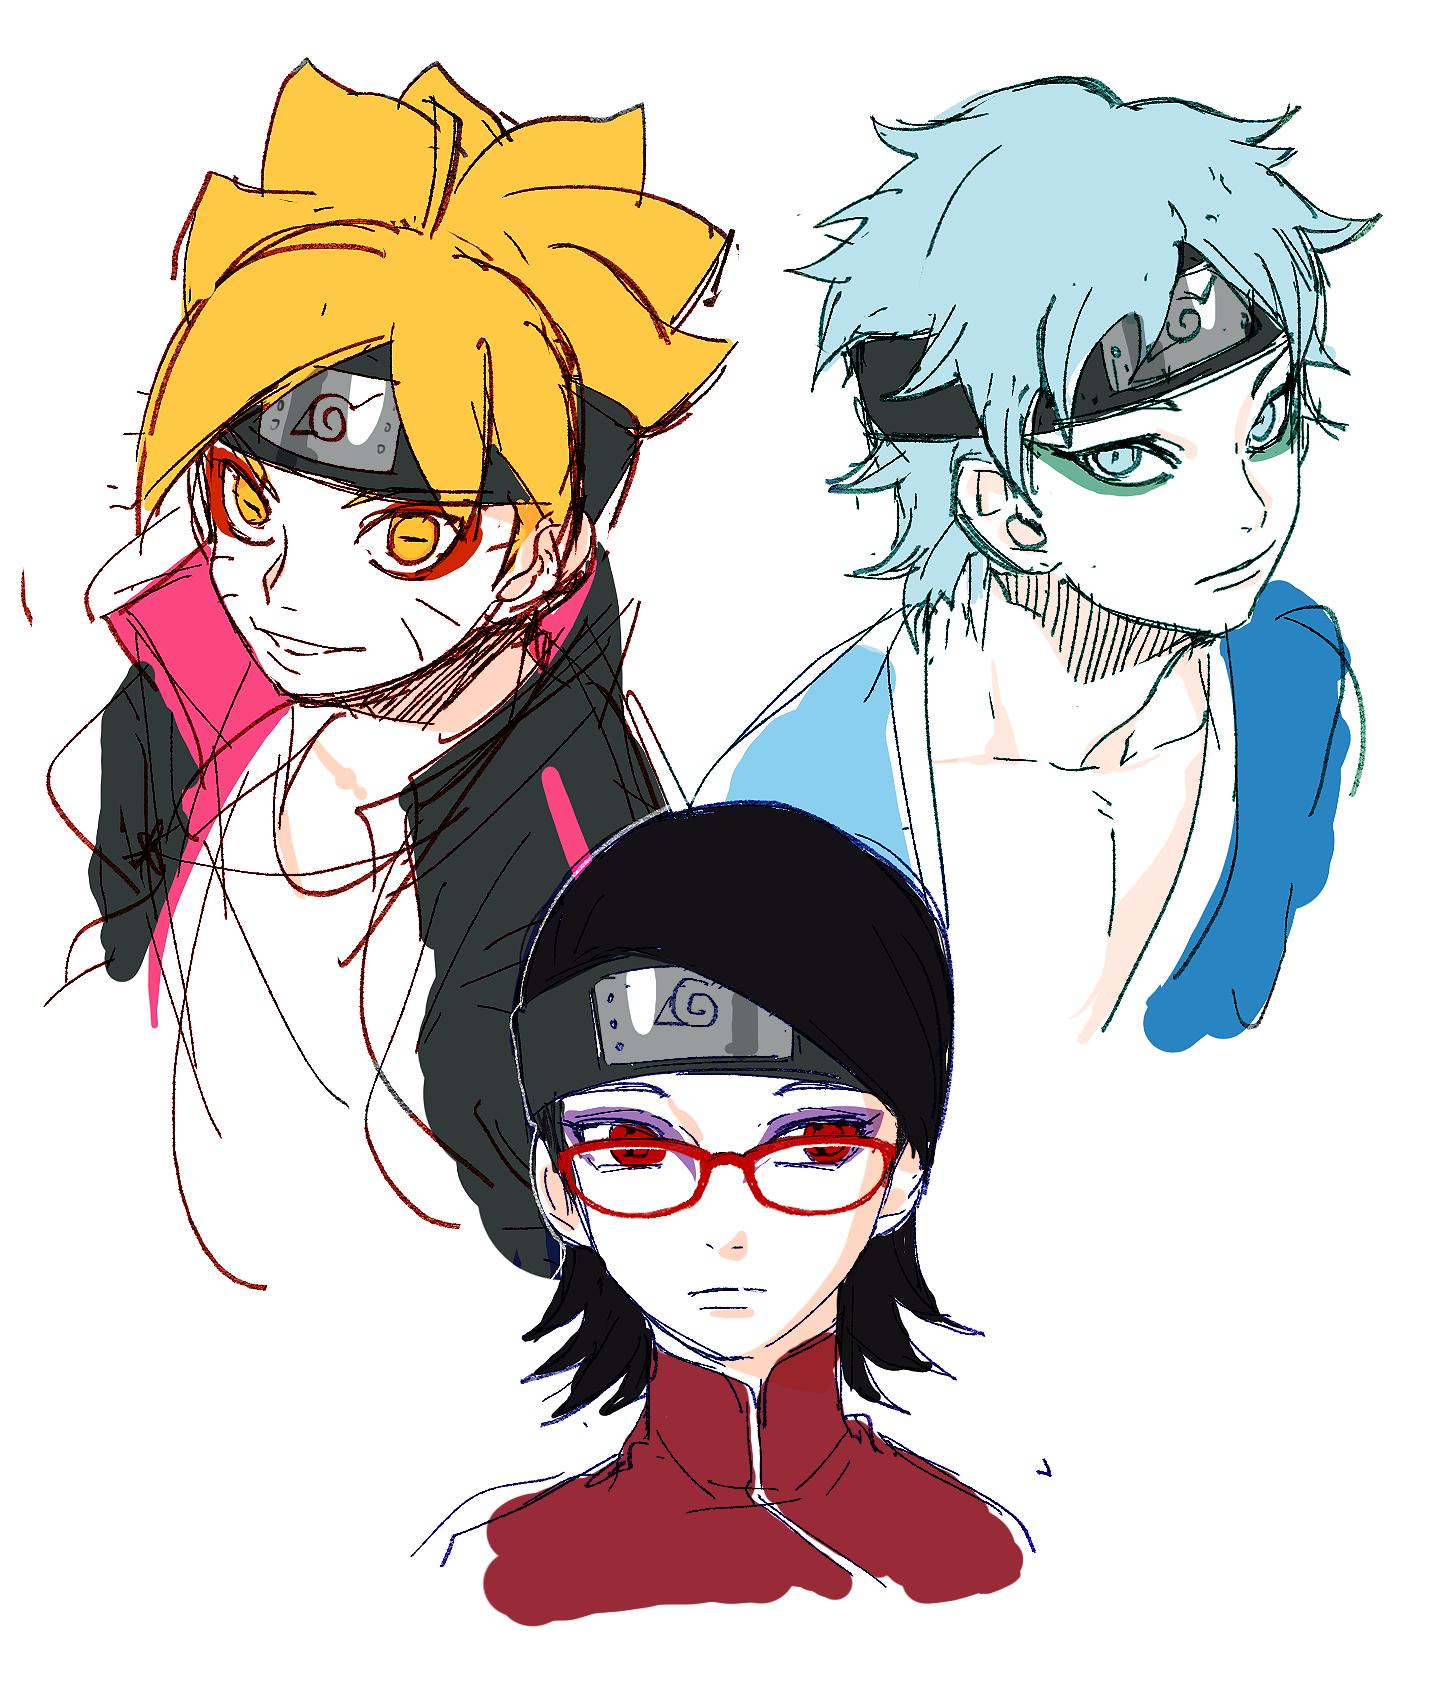 Team Konohamaru Naruto Zerochan Anime Image Board